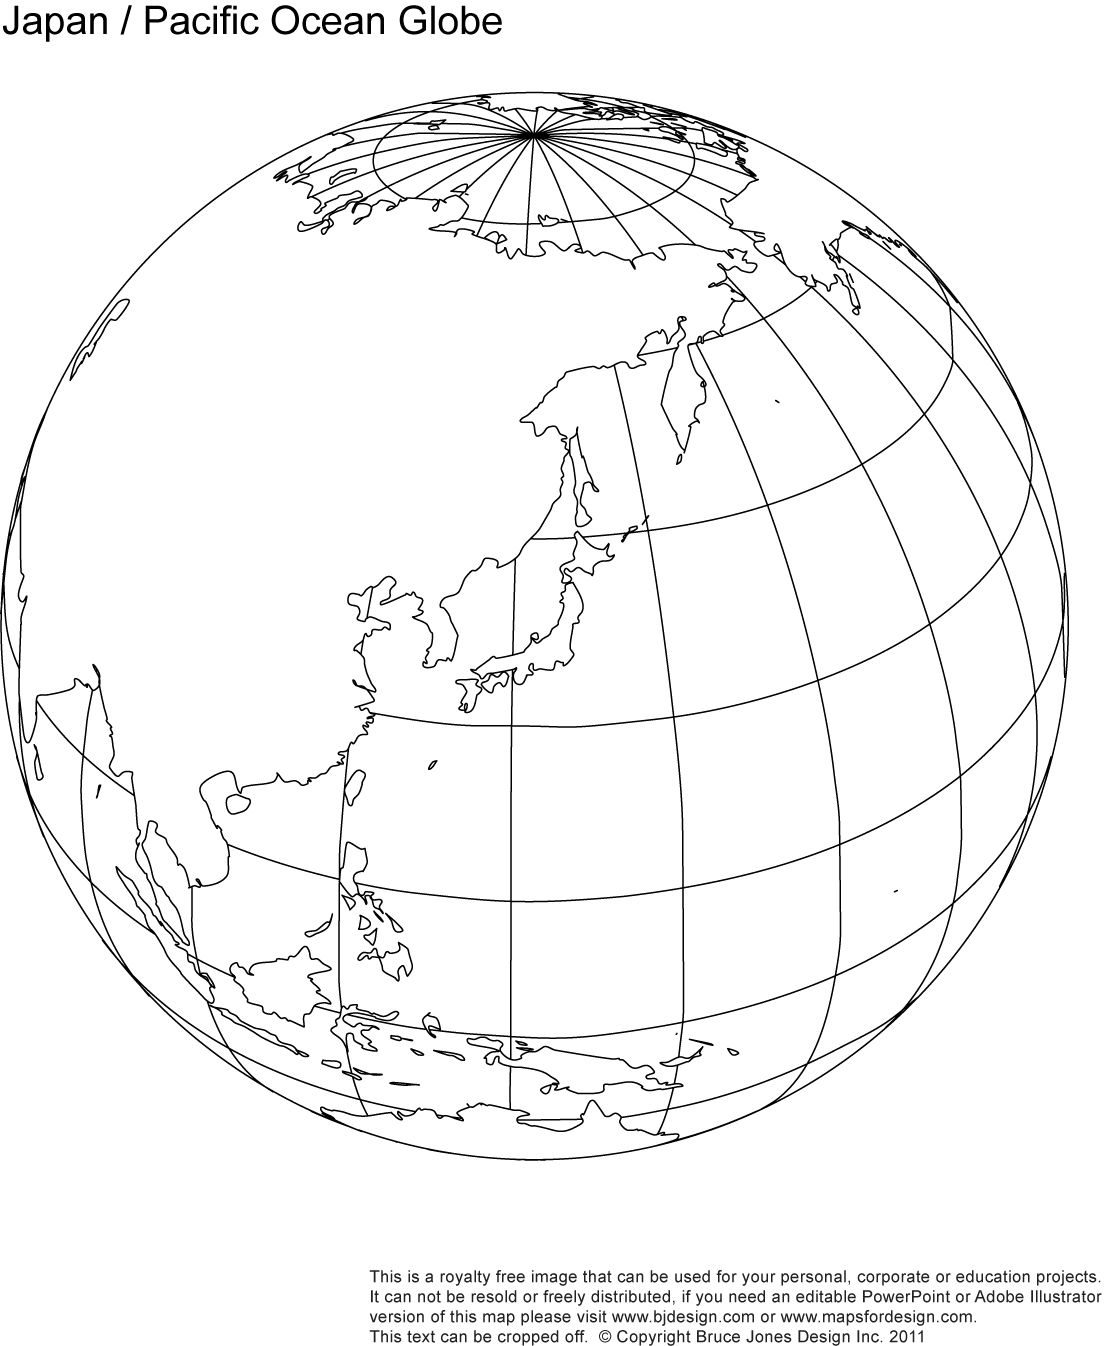 Japan Pacific Ocean Globe Map Blank Printable Outline